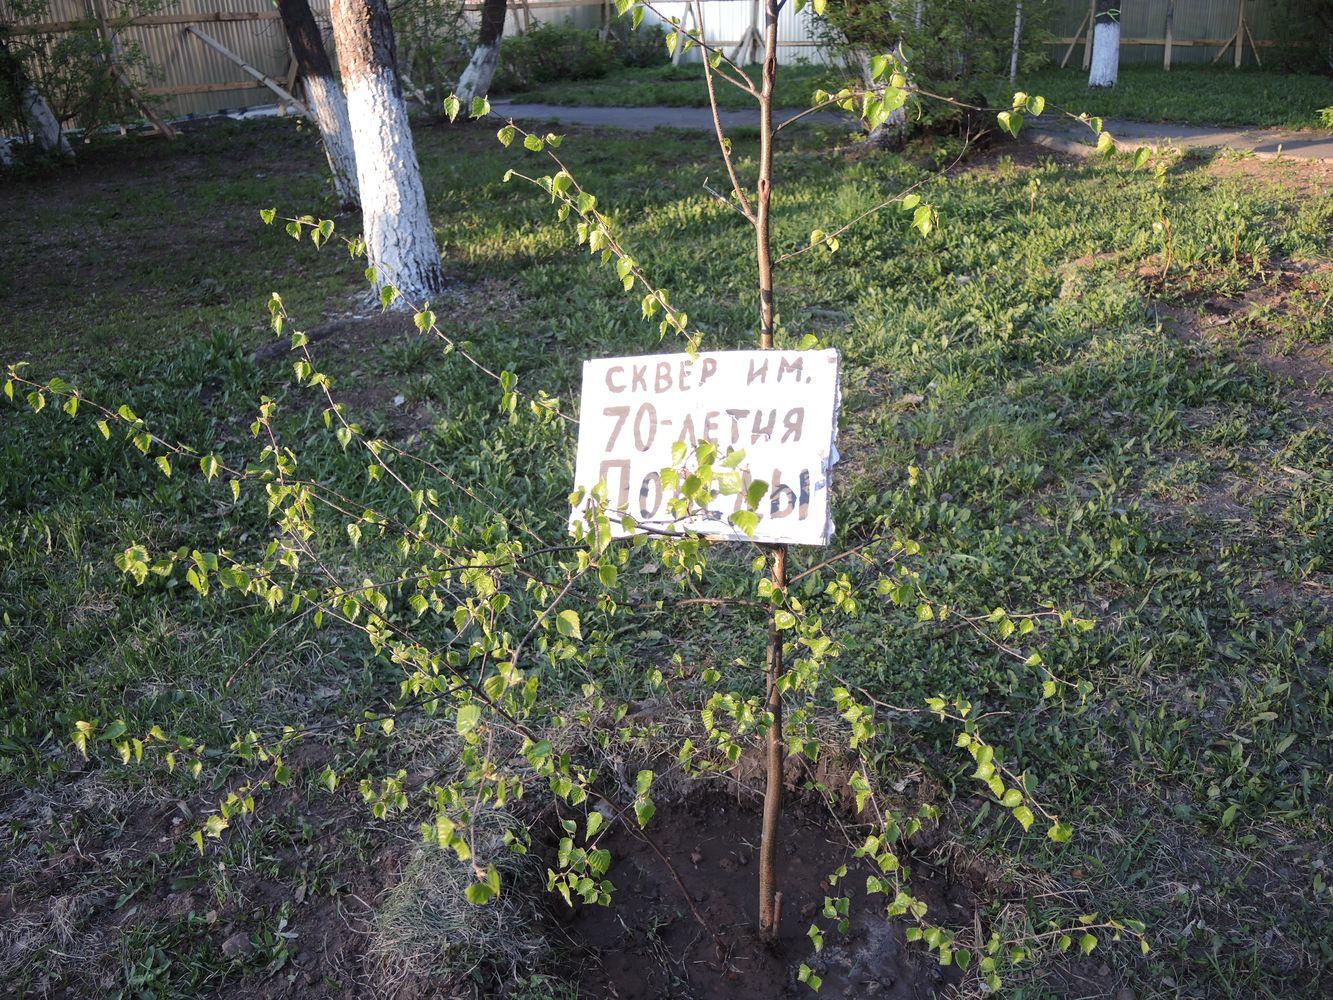 Жильцы домов надеются, что это может остановить вырубку деревьев и строительство магазина. Фото ©День.org